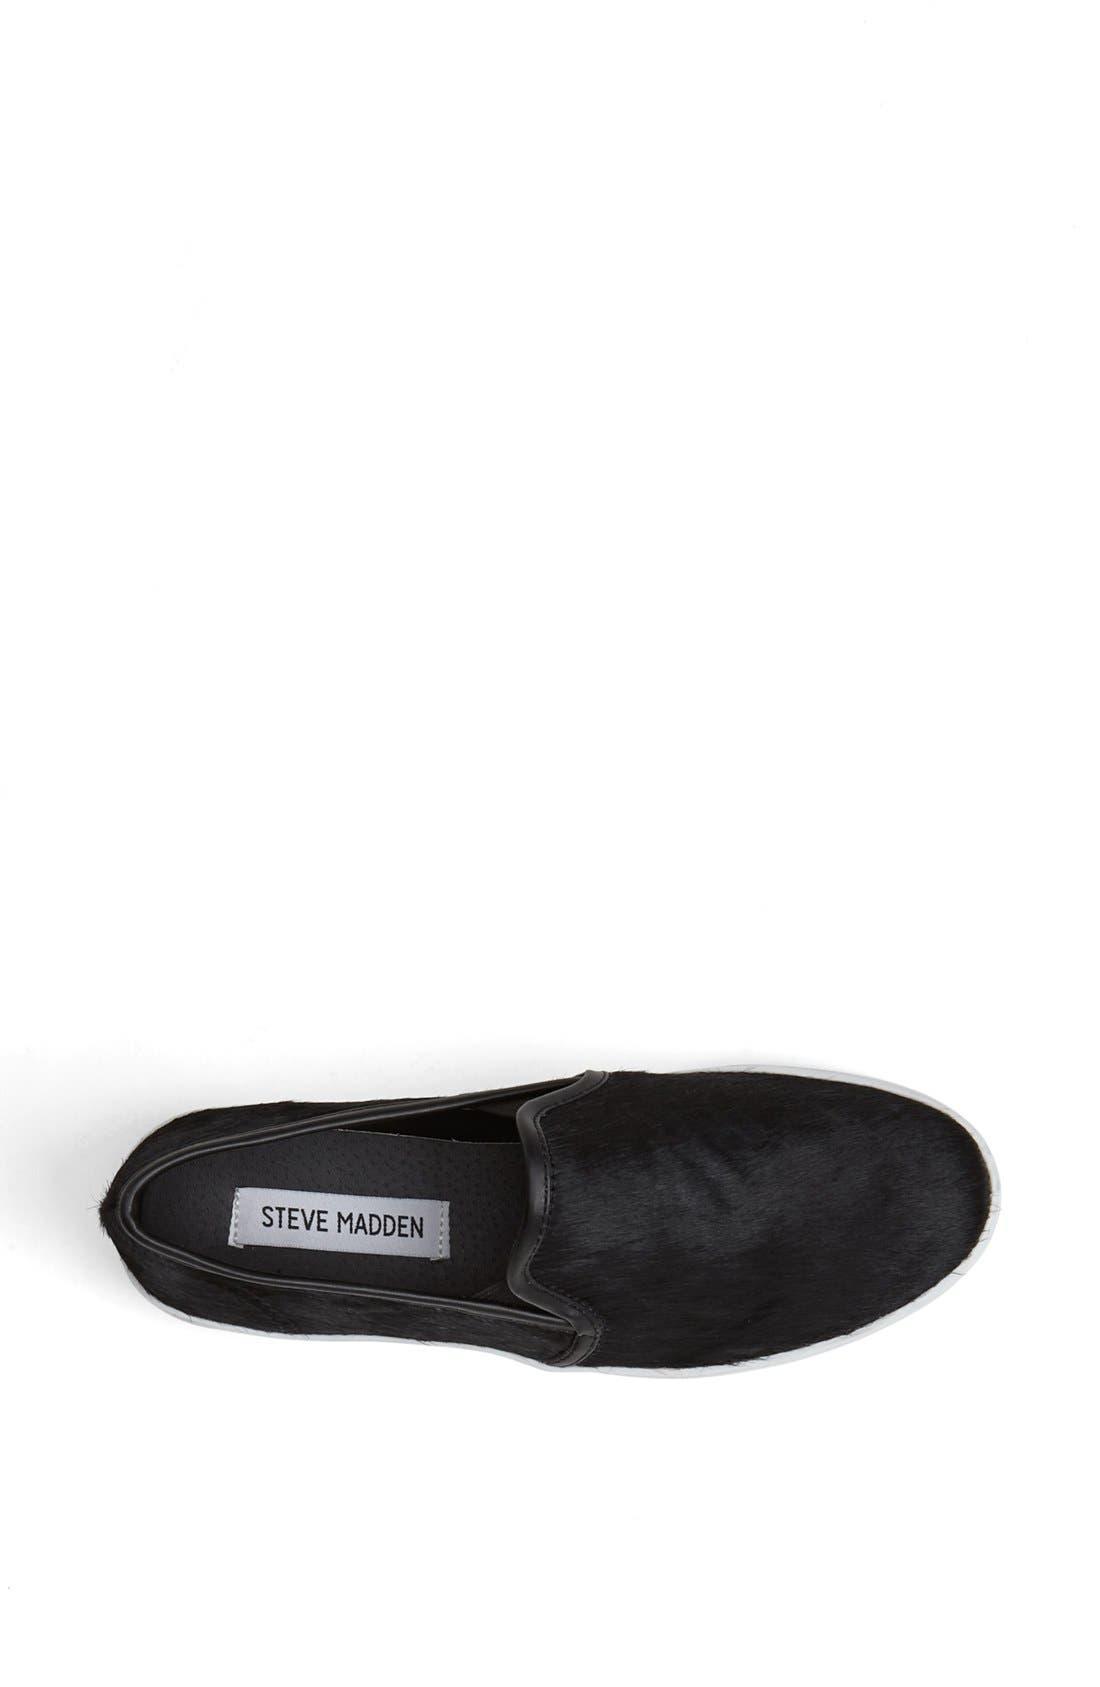 STEVE MADDEN, 'Finale - P' Calf Hair Sneaker, Alternate thumbnail 3, color, 001